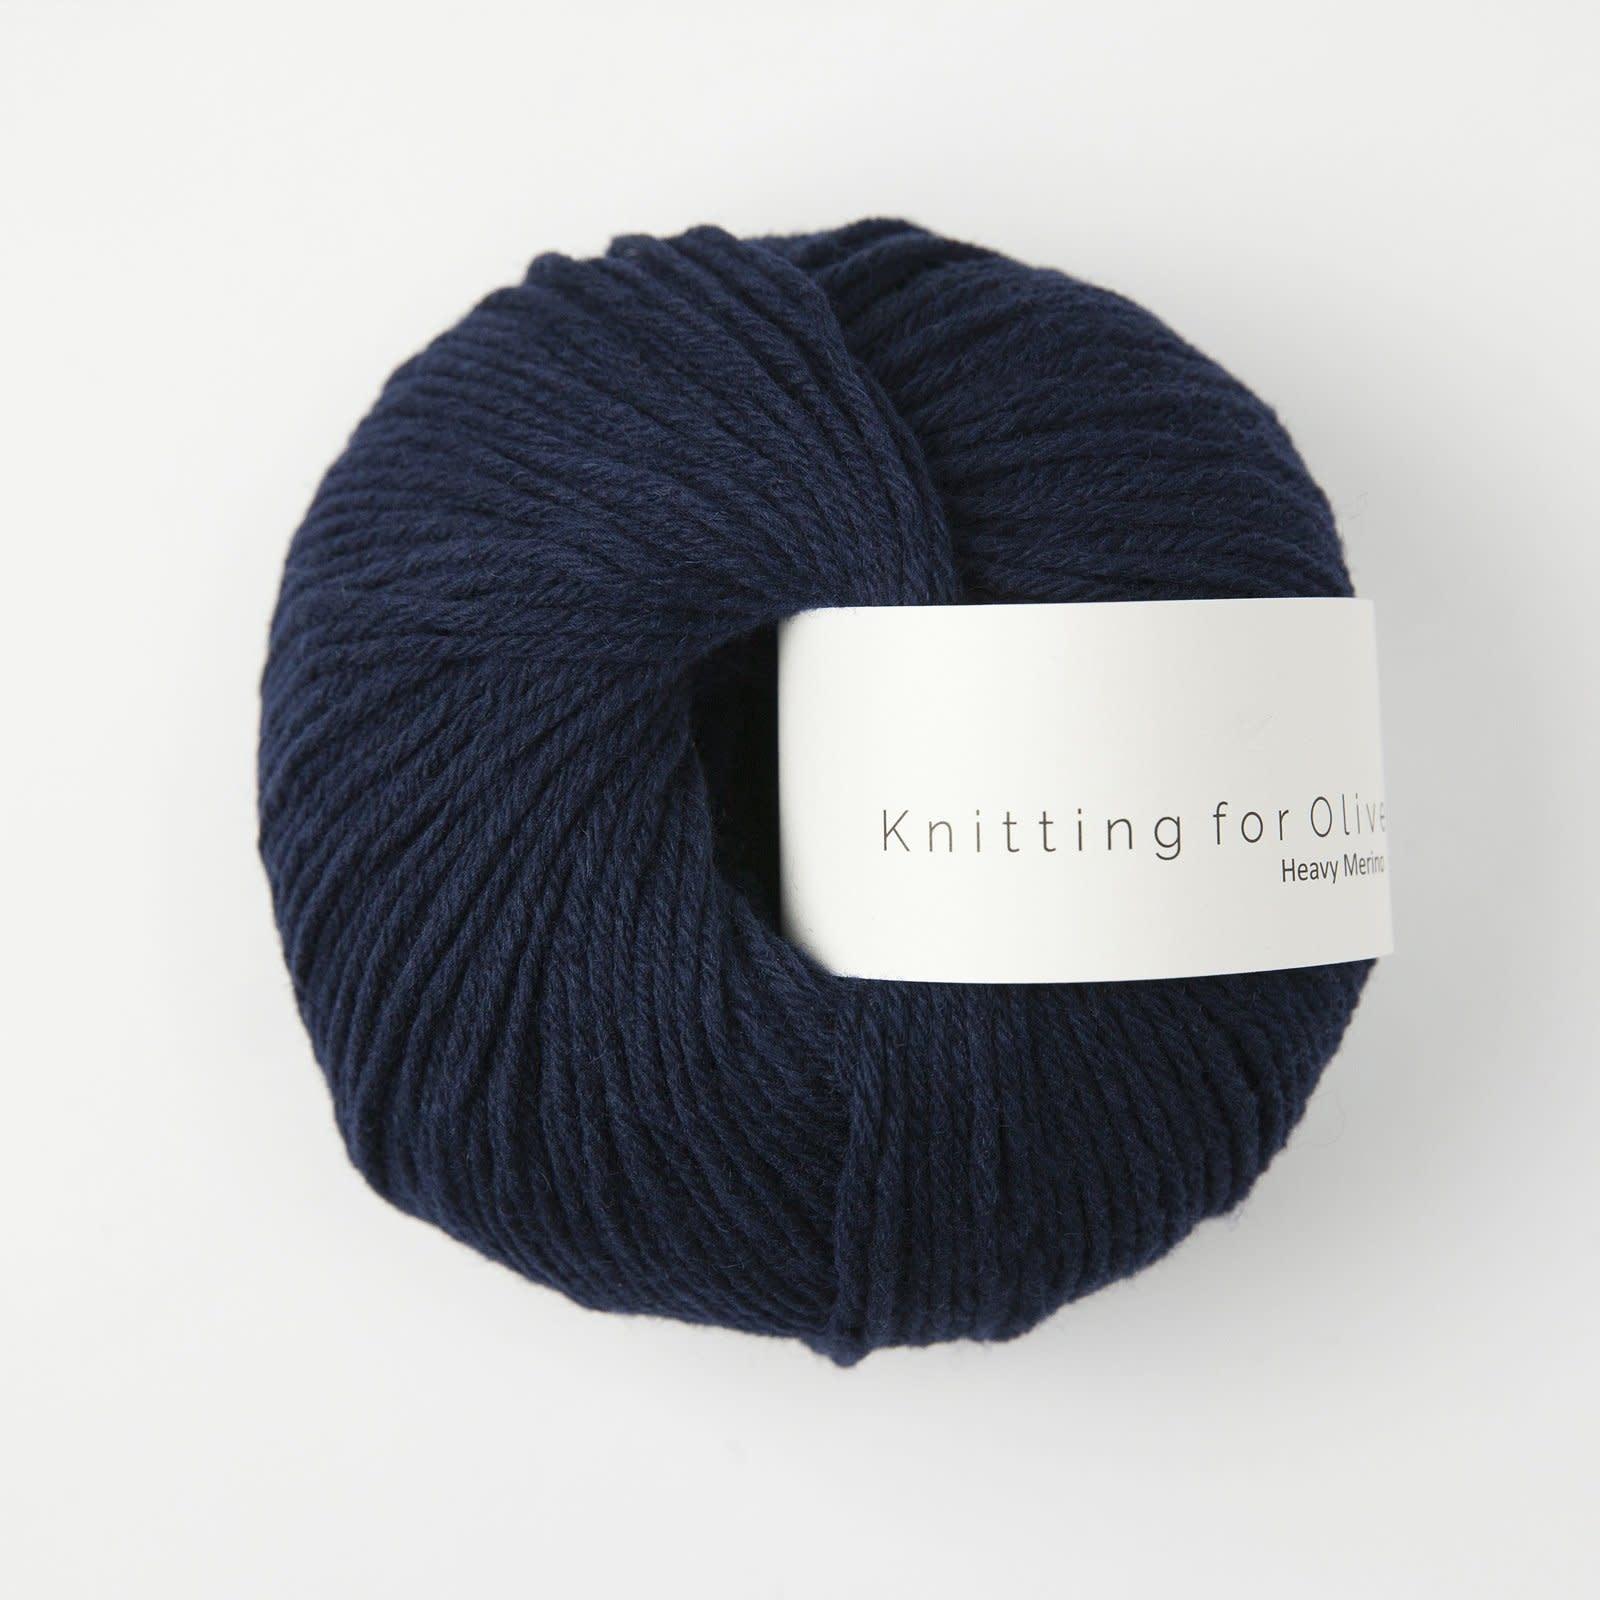 knitting for olive Knitting for Olive Heavy Merino - Navy Blue